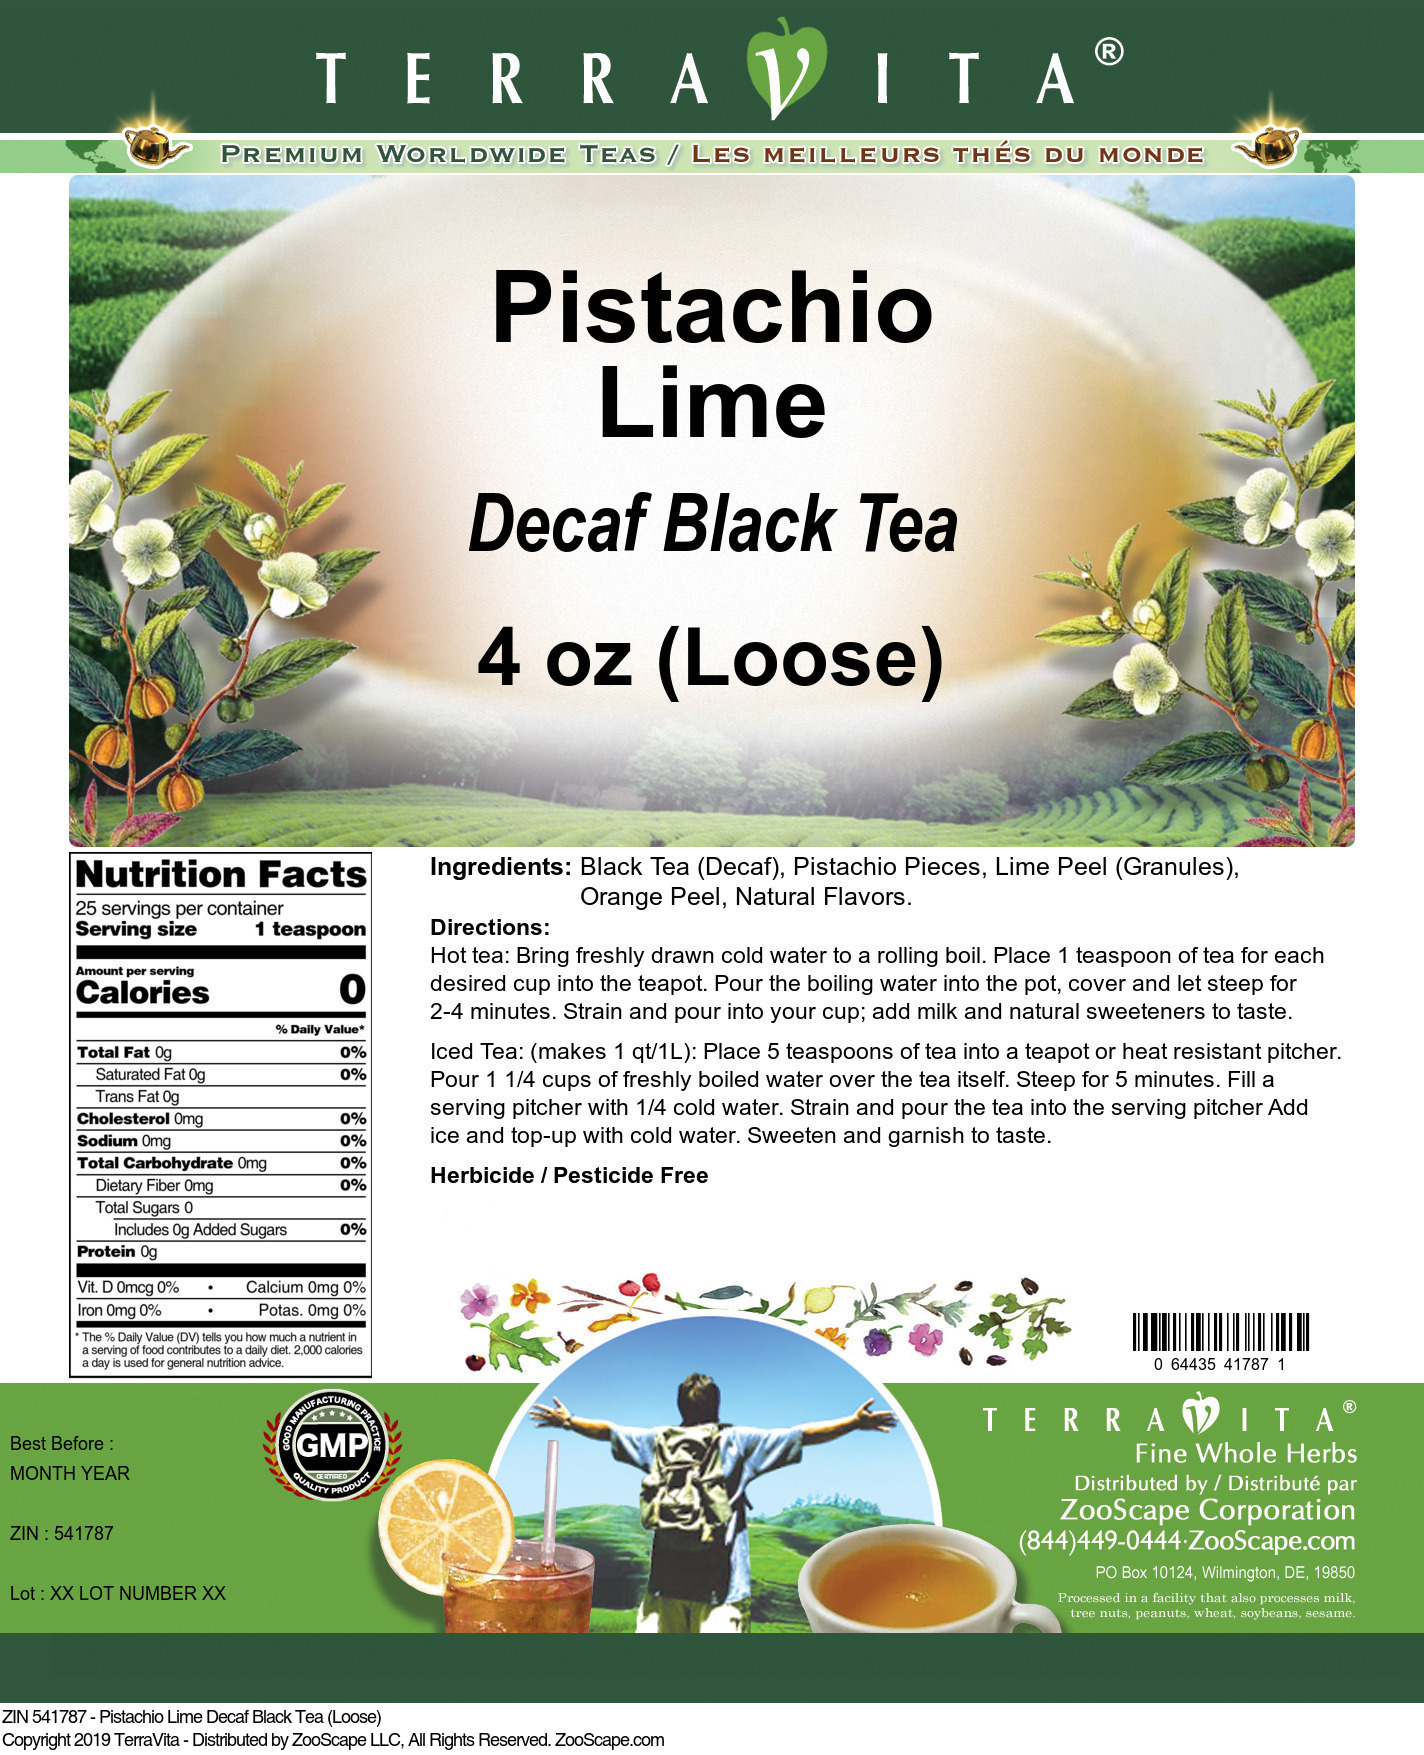 Pistachio Lime Decaf Black Tea (Loose)